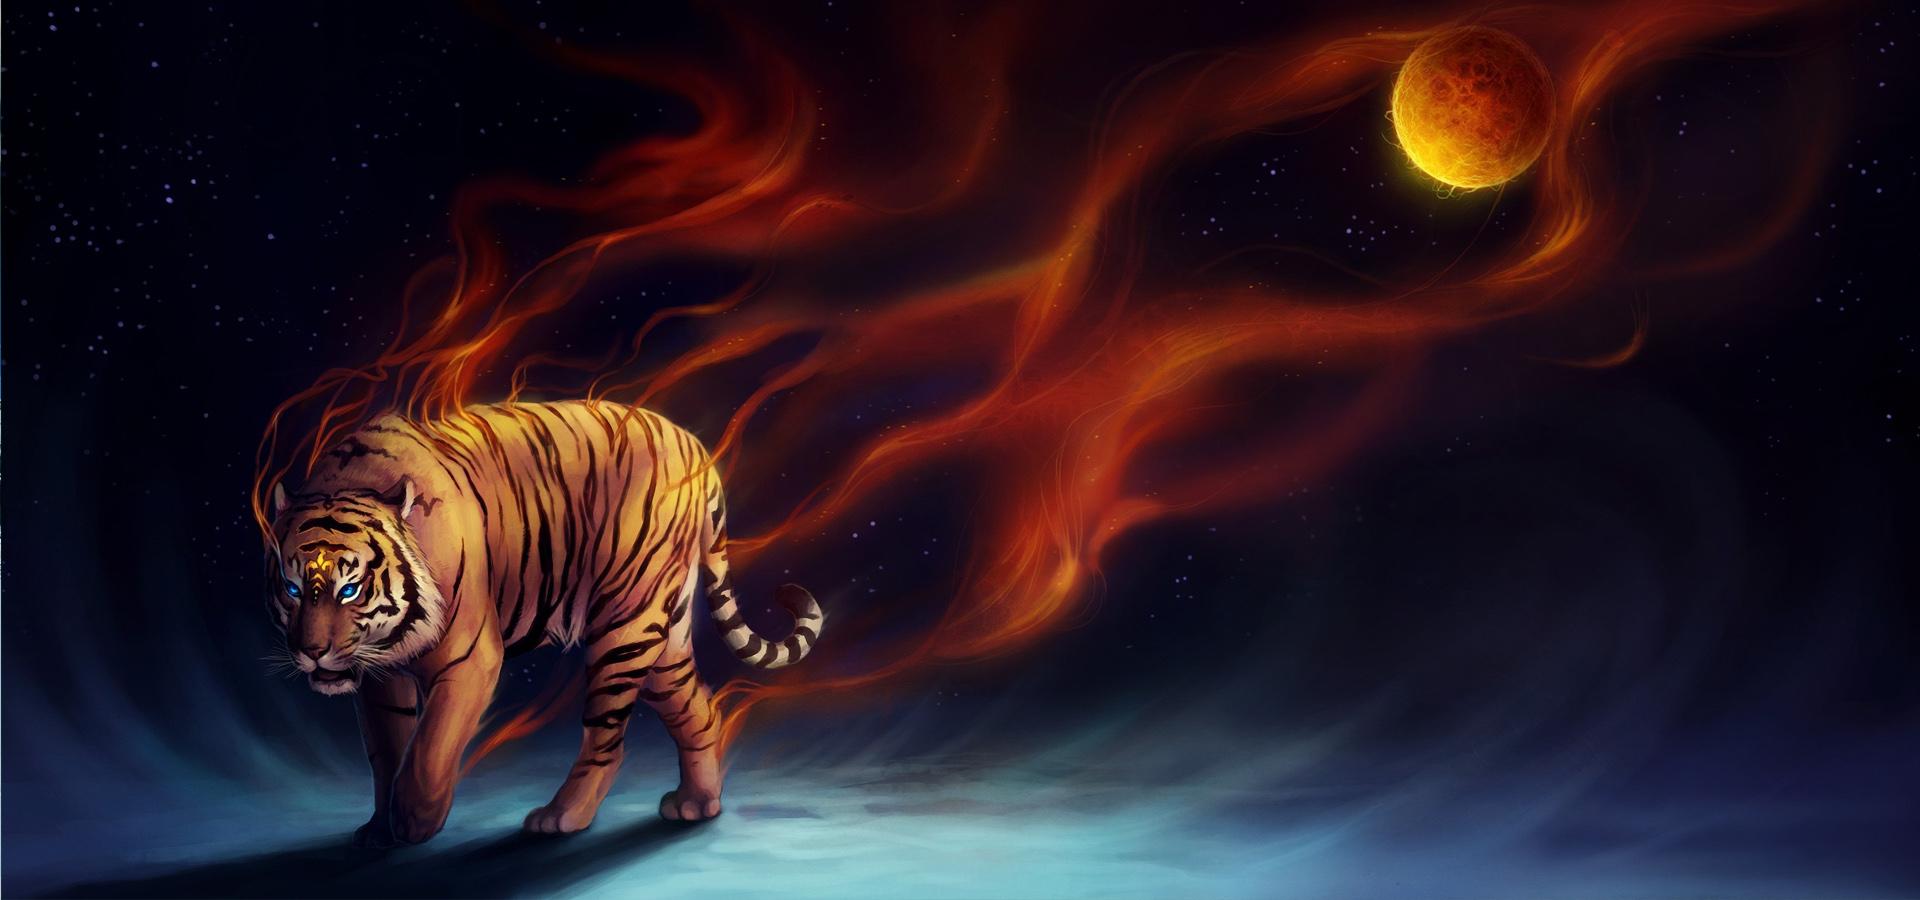 tiger background  flame  tiger  poster background image